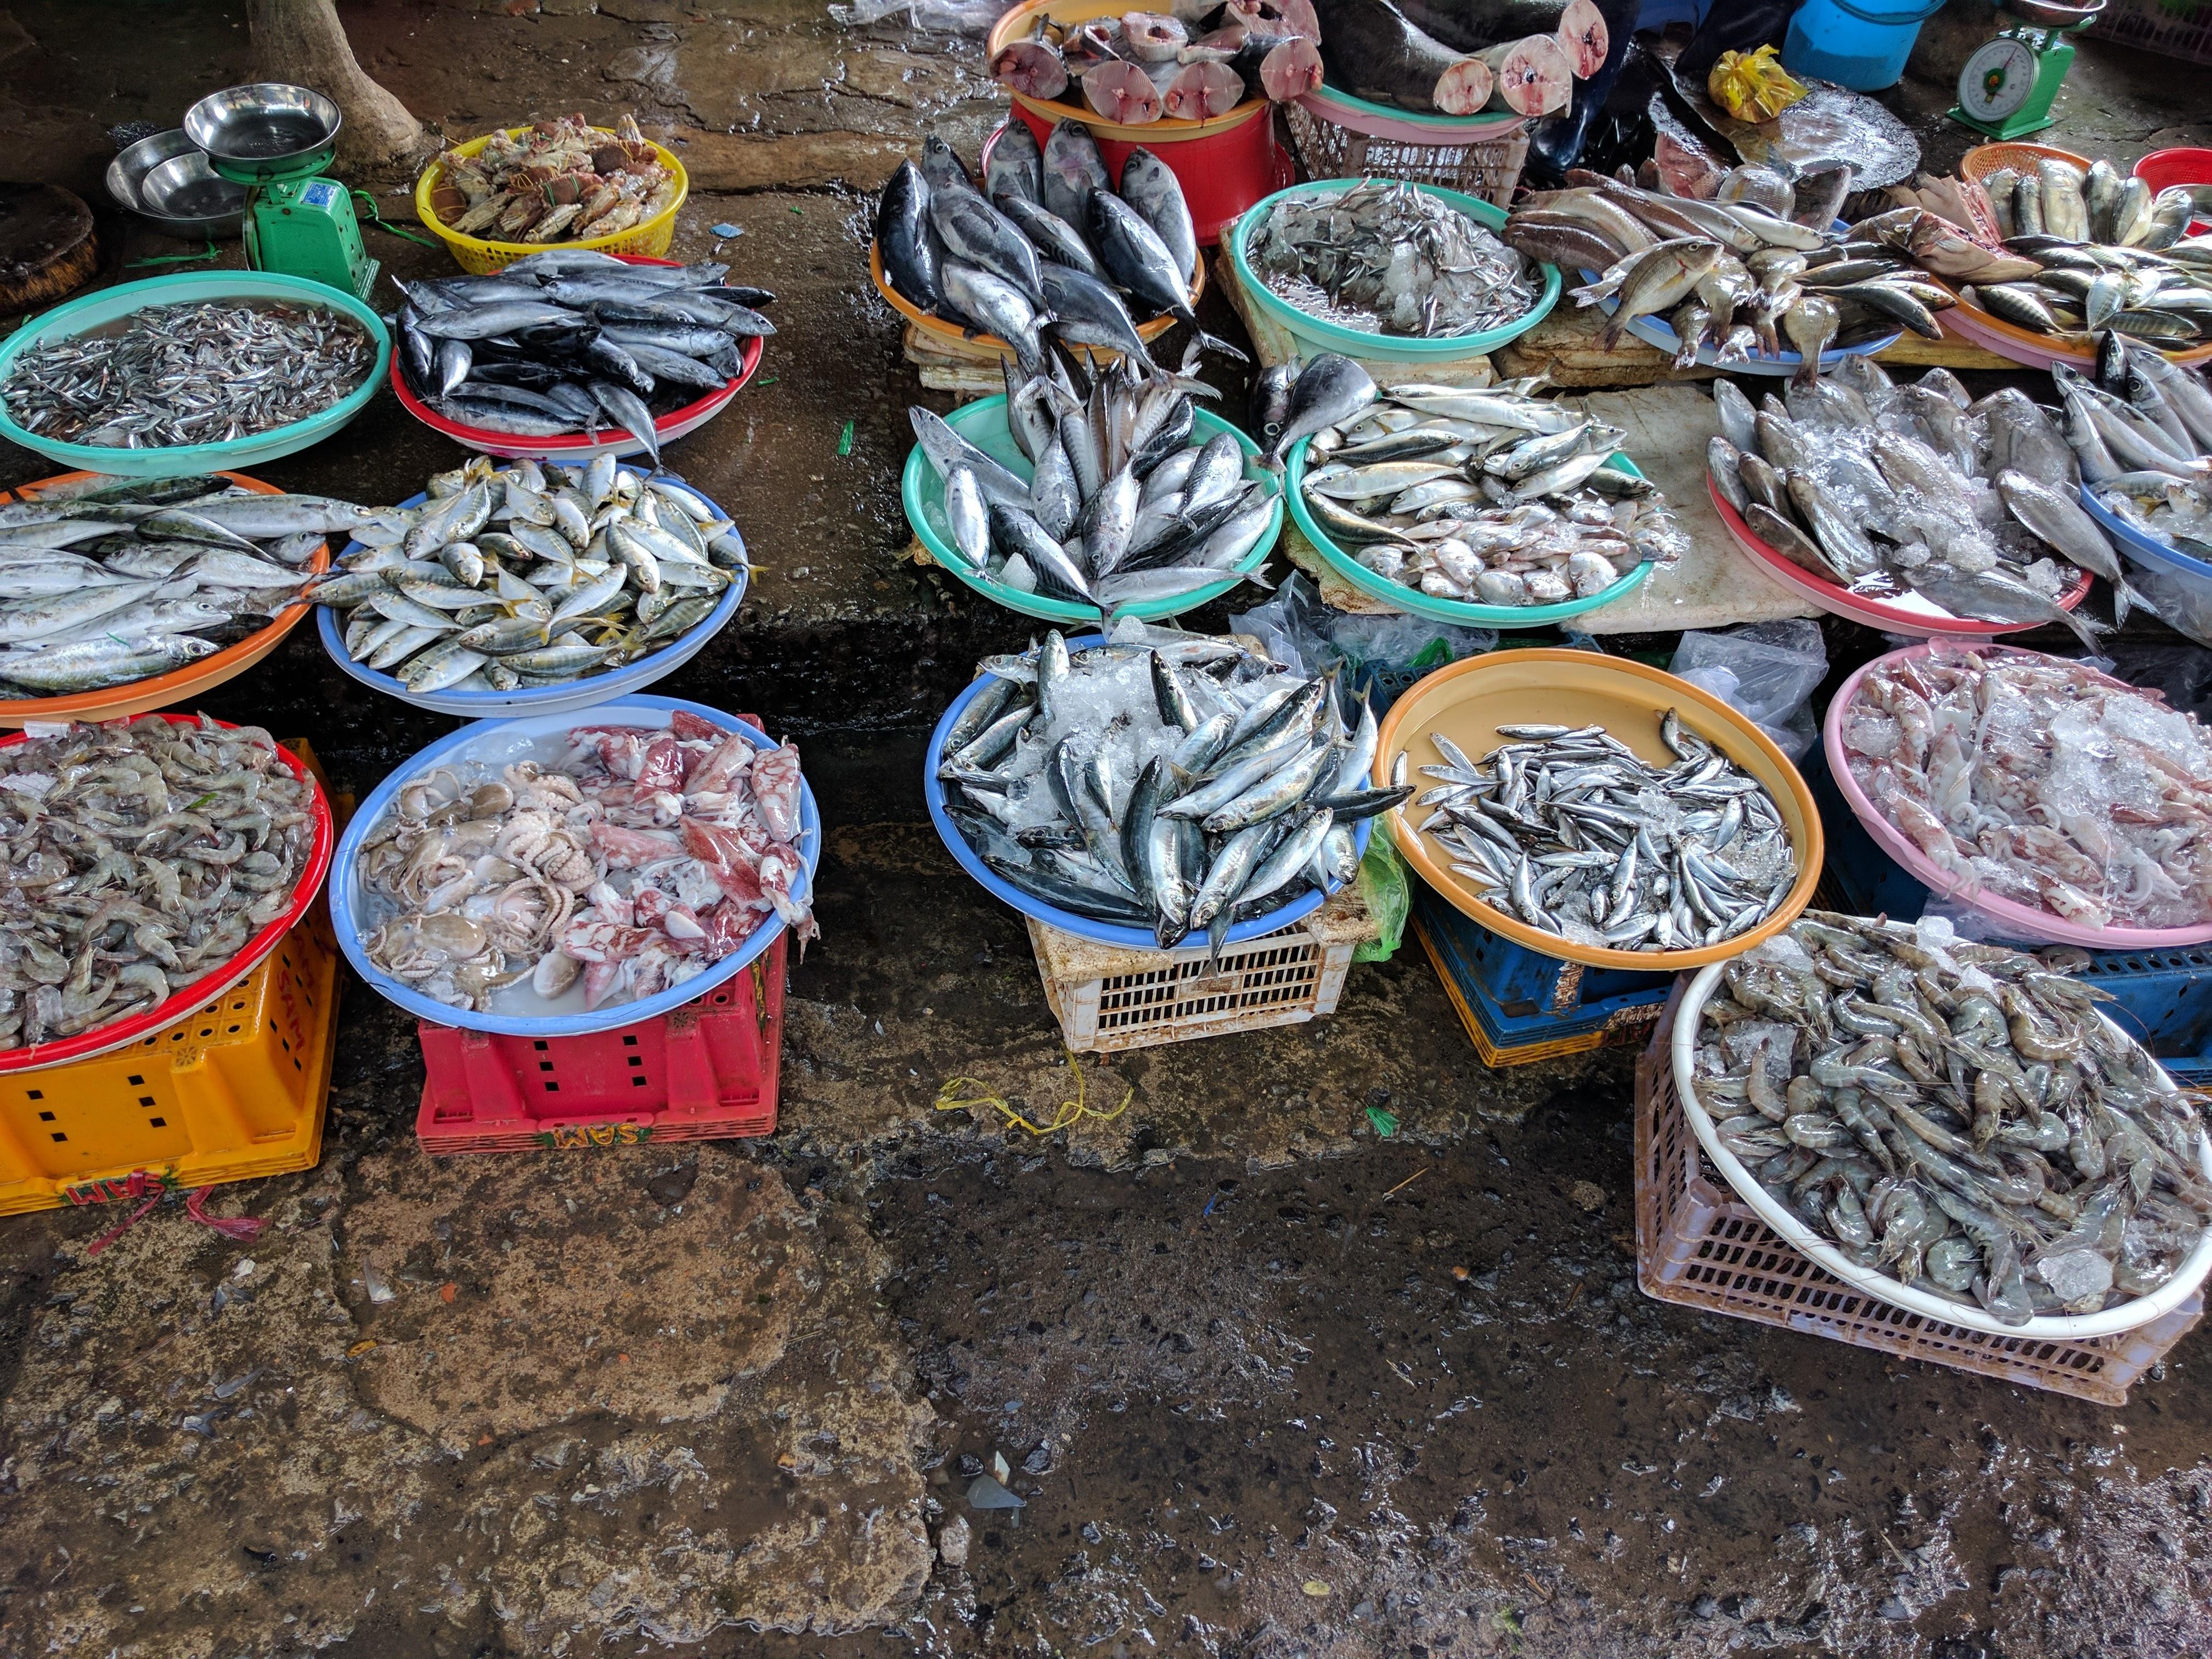 Da lat marché poissons